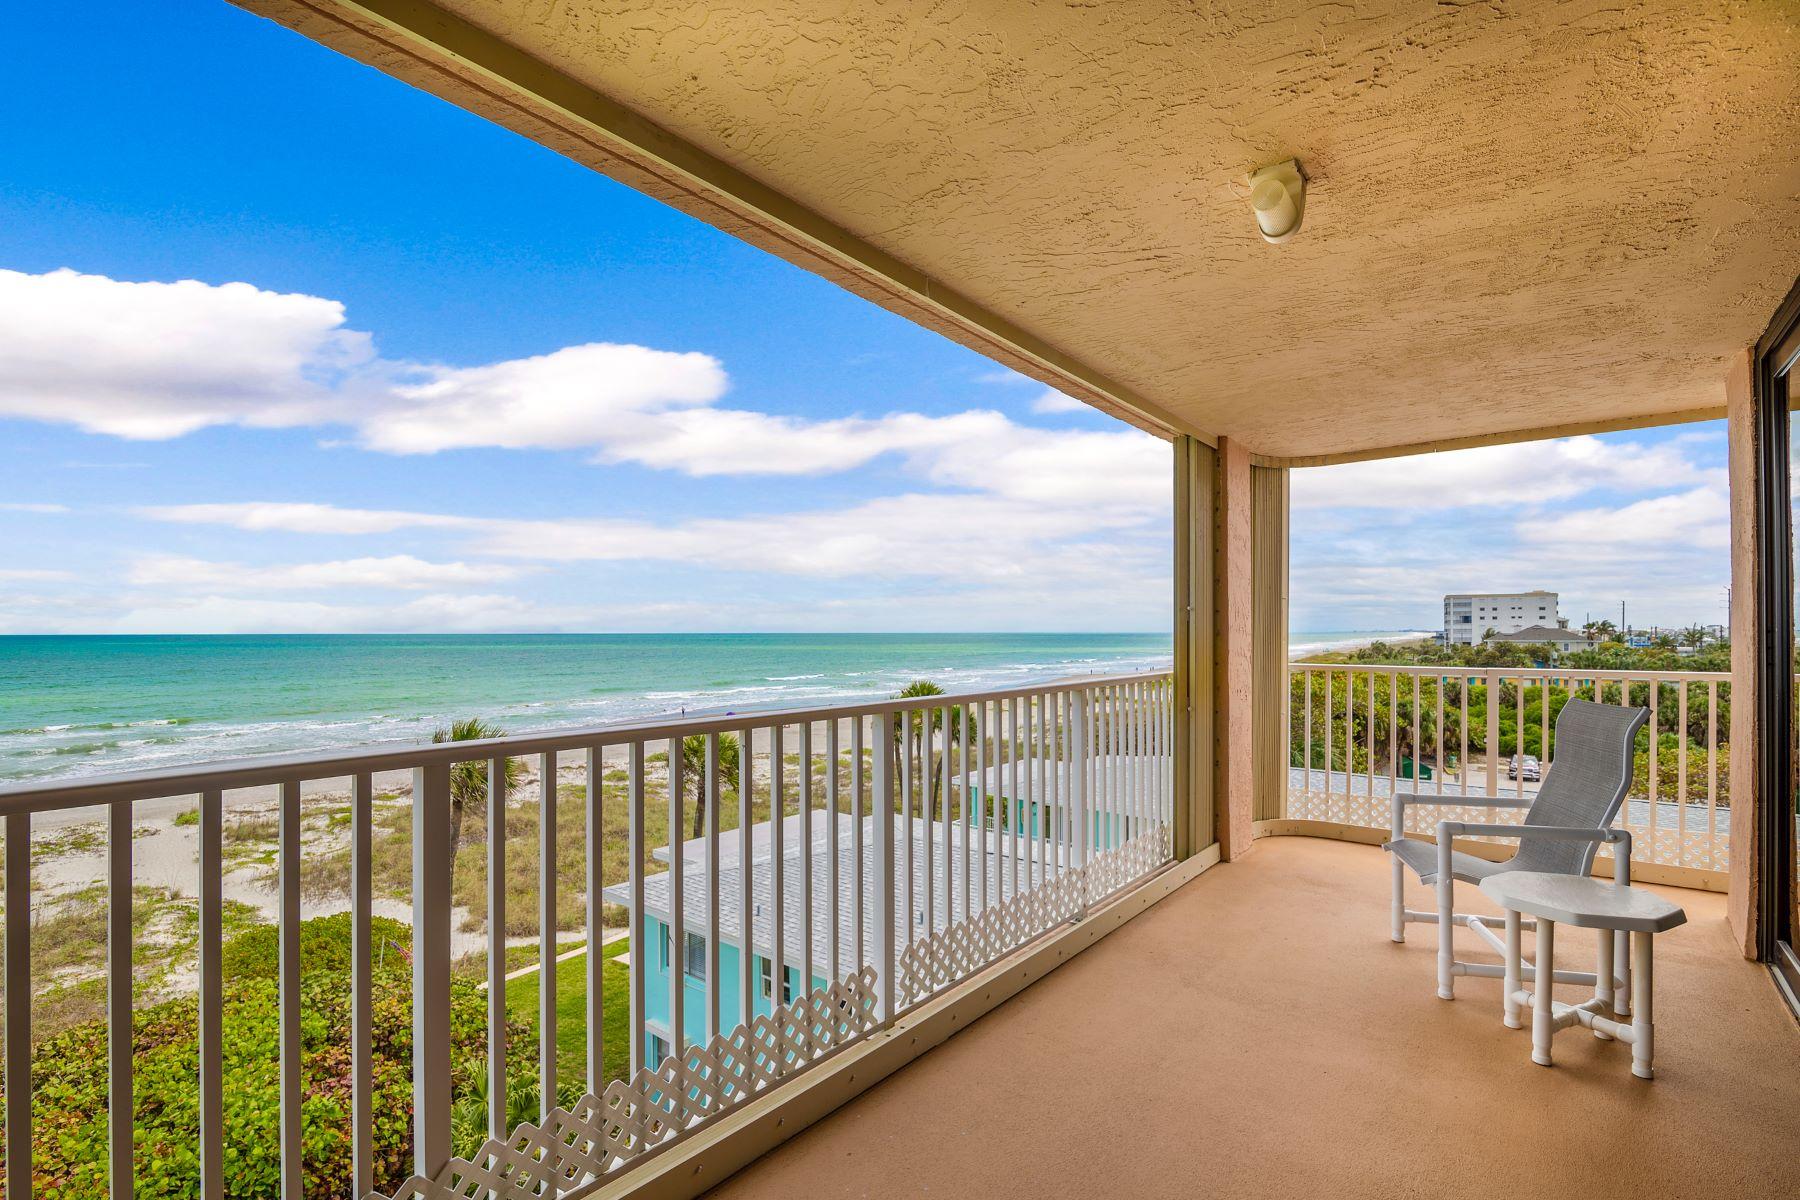 Condominiums for Sale at Coral Sands Condo 1527 S. Atlantic Avenue #502 Cocoa Beach, Florida 32931 United States